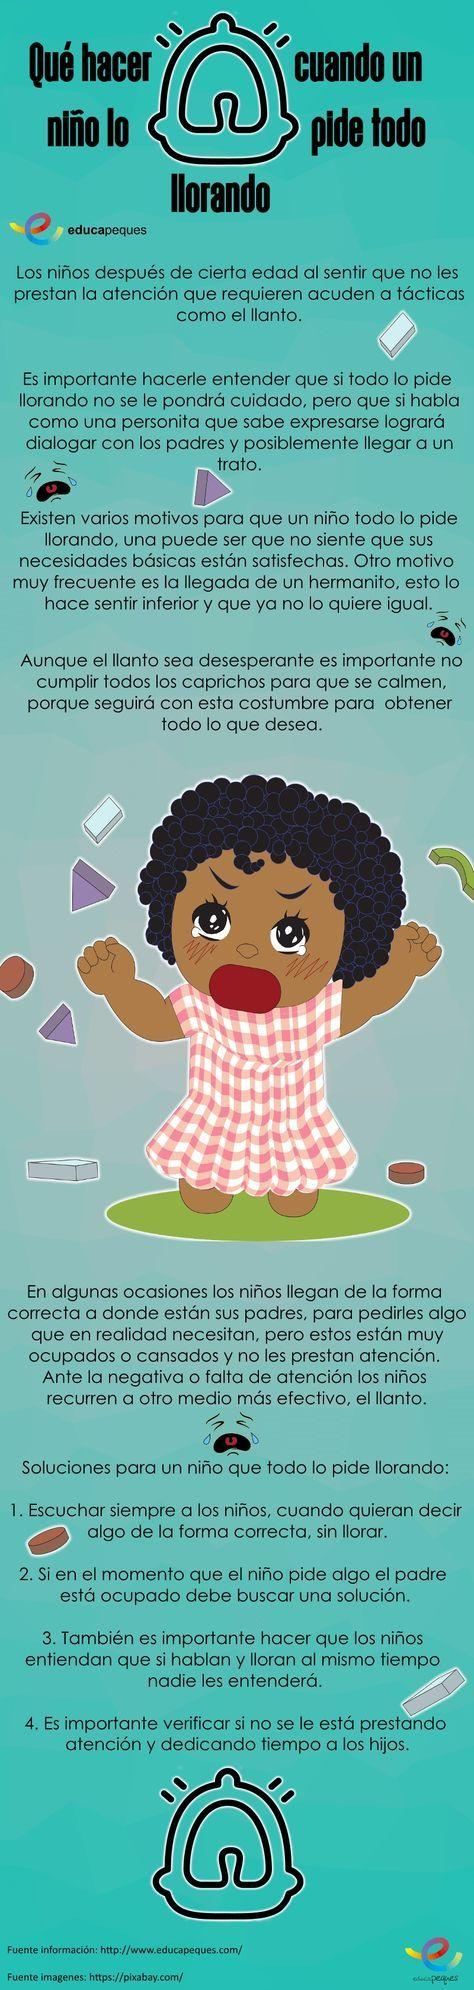 Infografia-Que-hacer-cuando-un-niño-lo-pide-todo-llorando.jpg (800×3360)